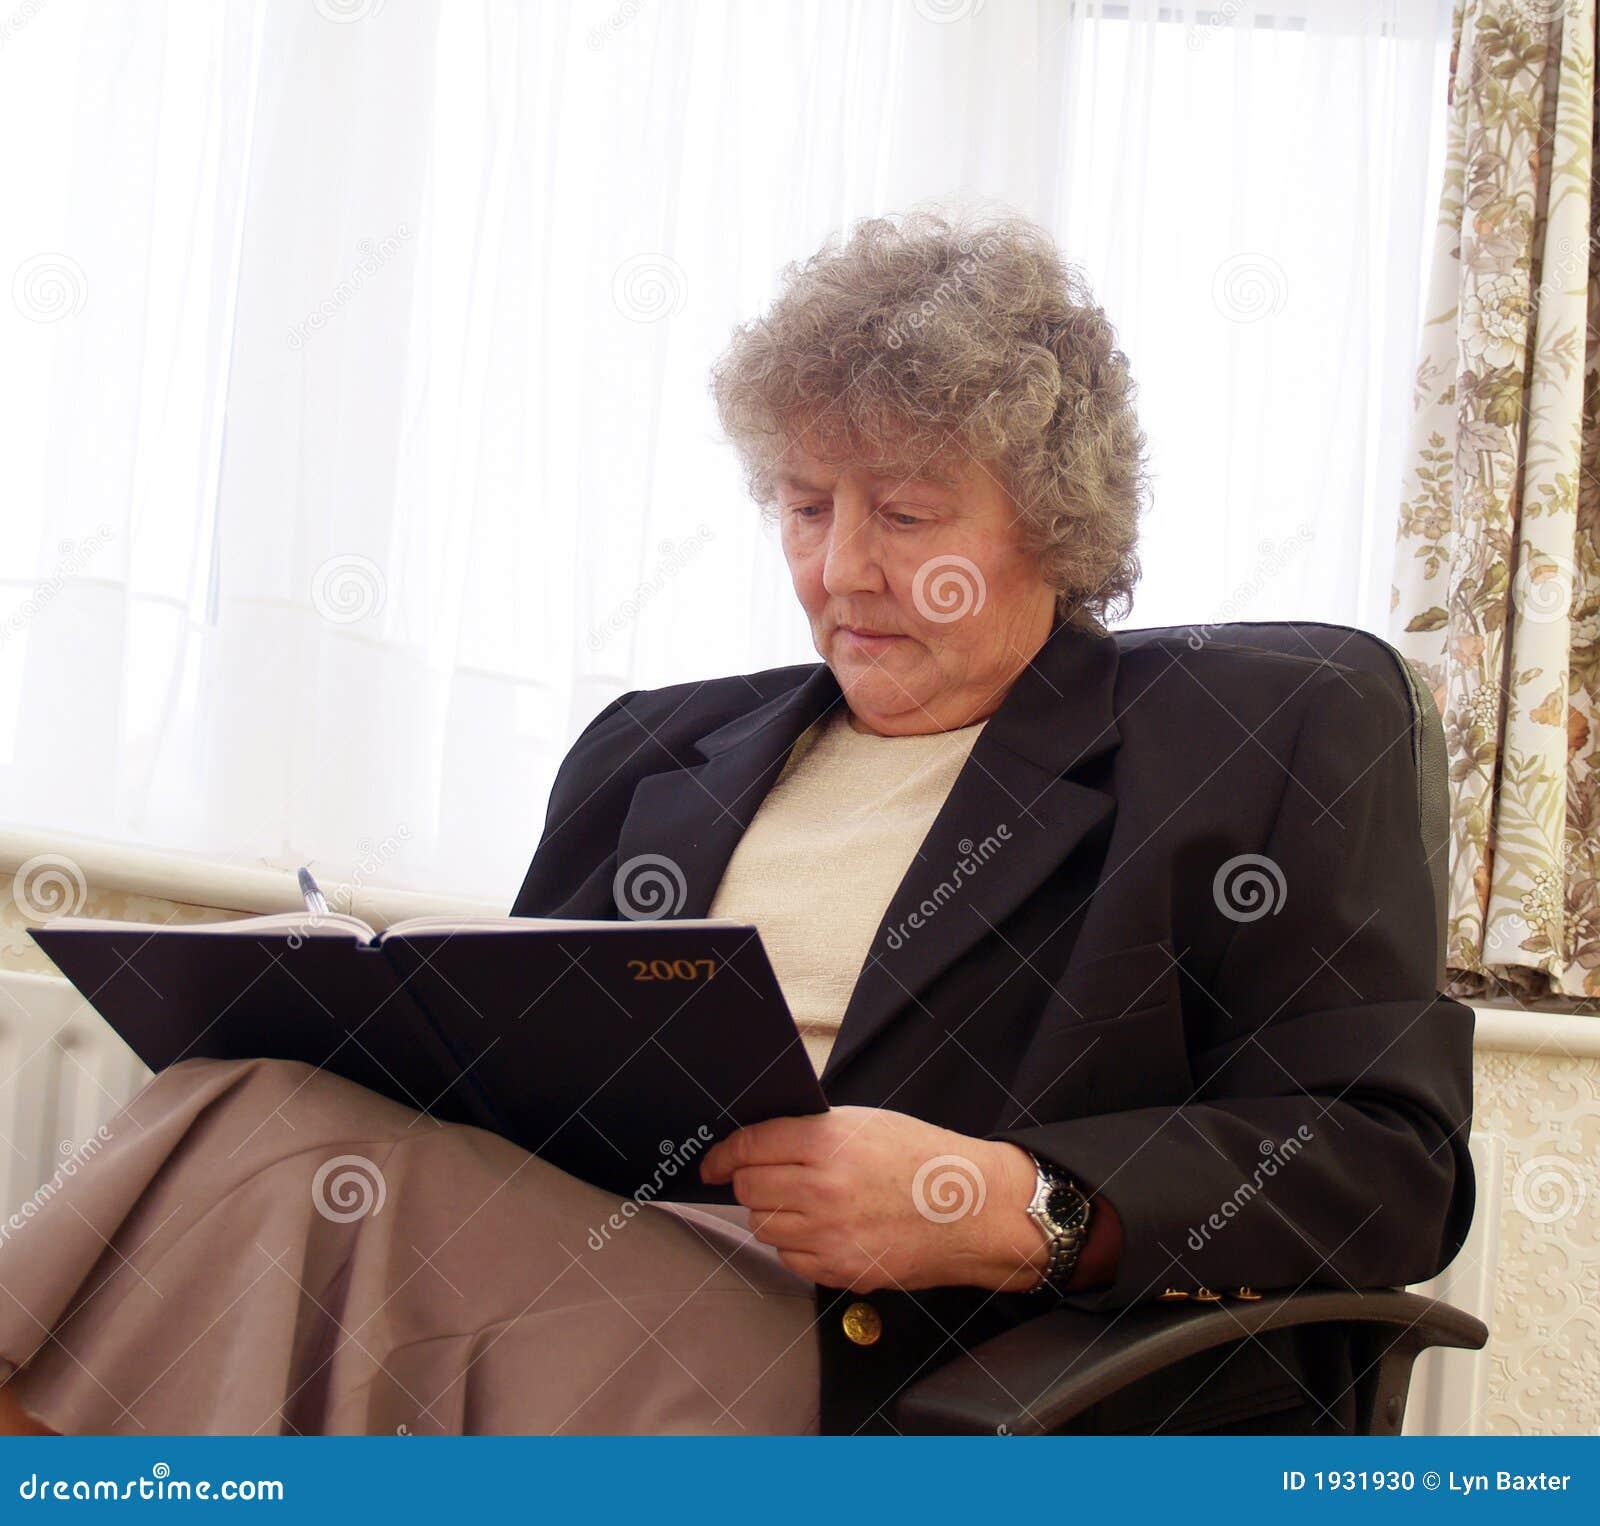 Adult trivia script download